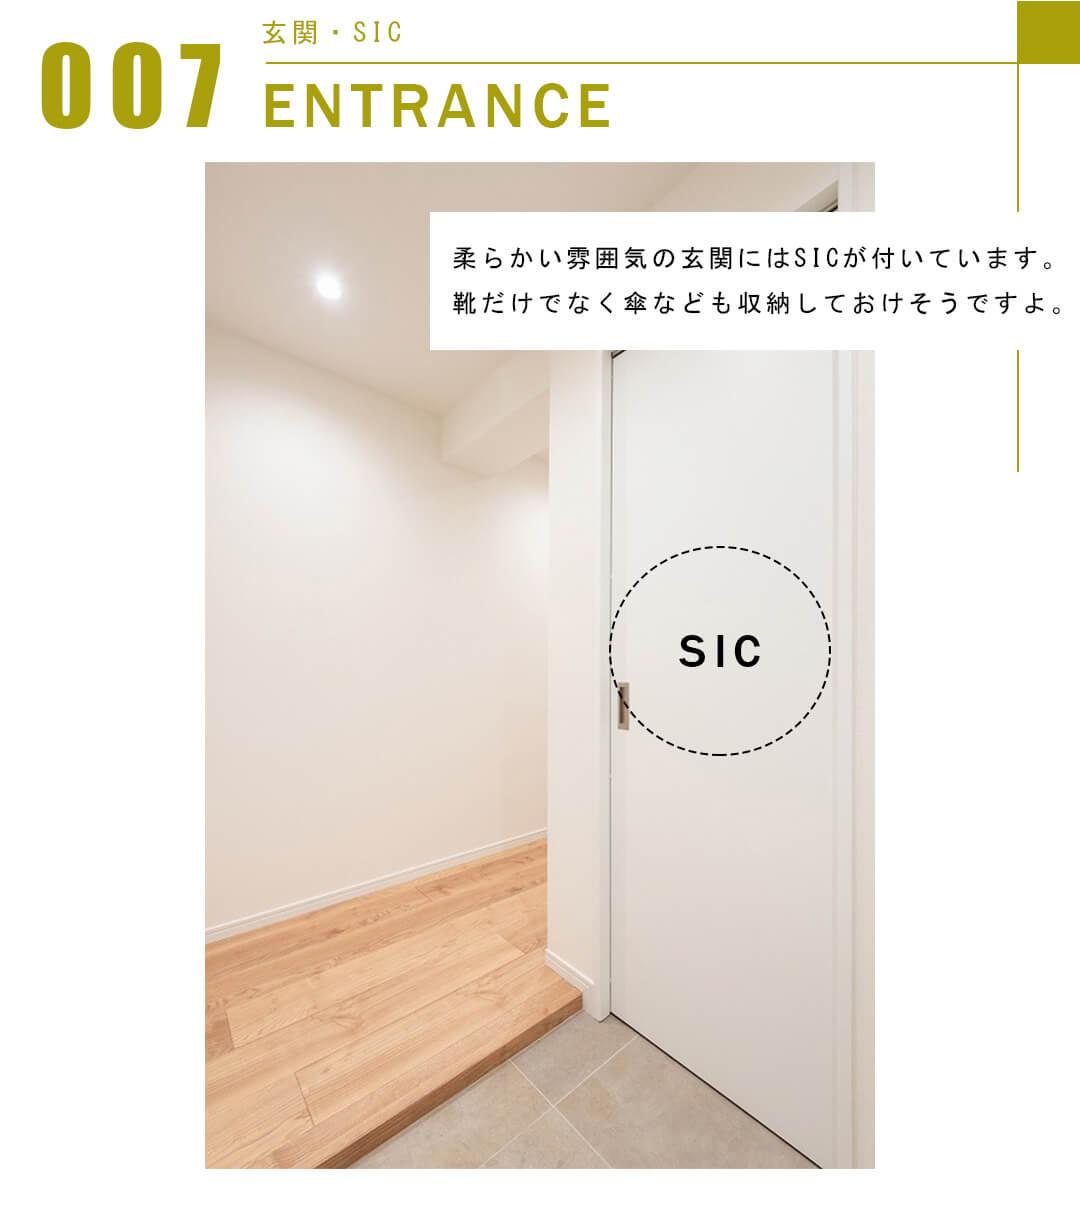 007玄関,SIC,ENTRANCE